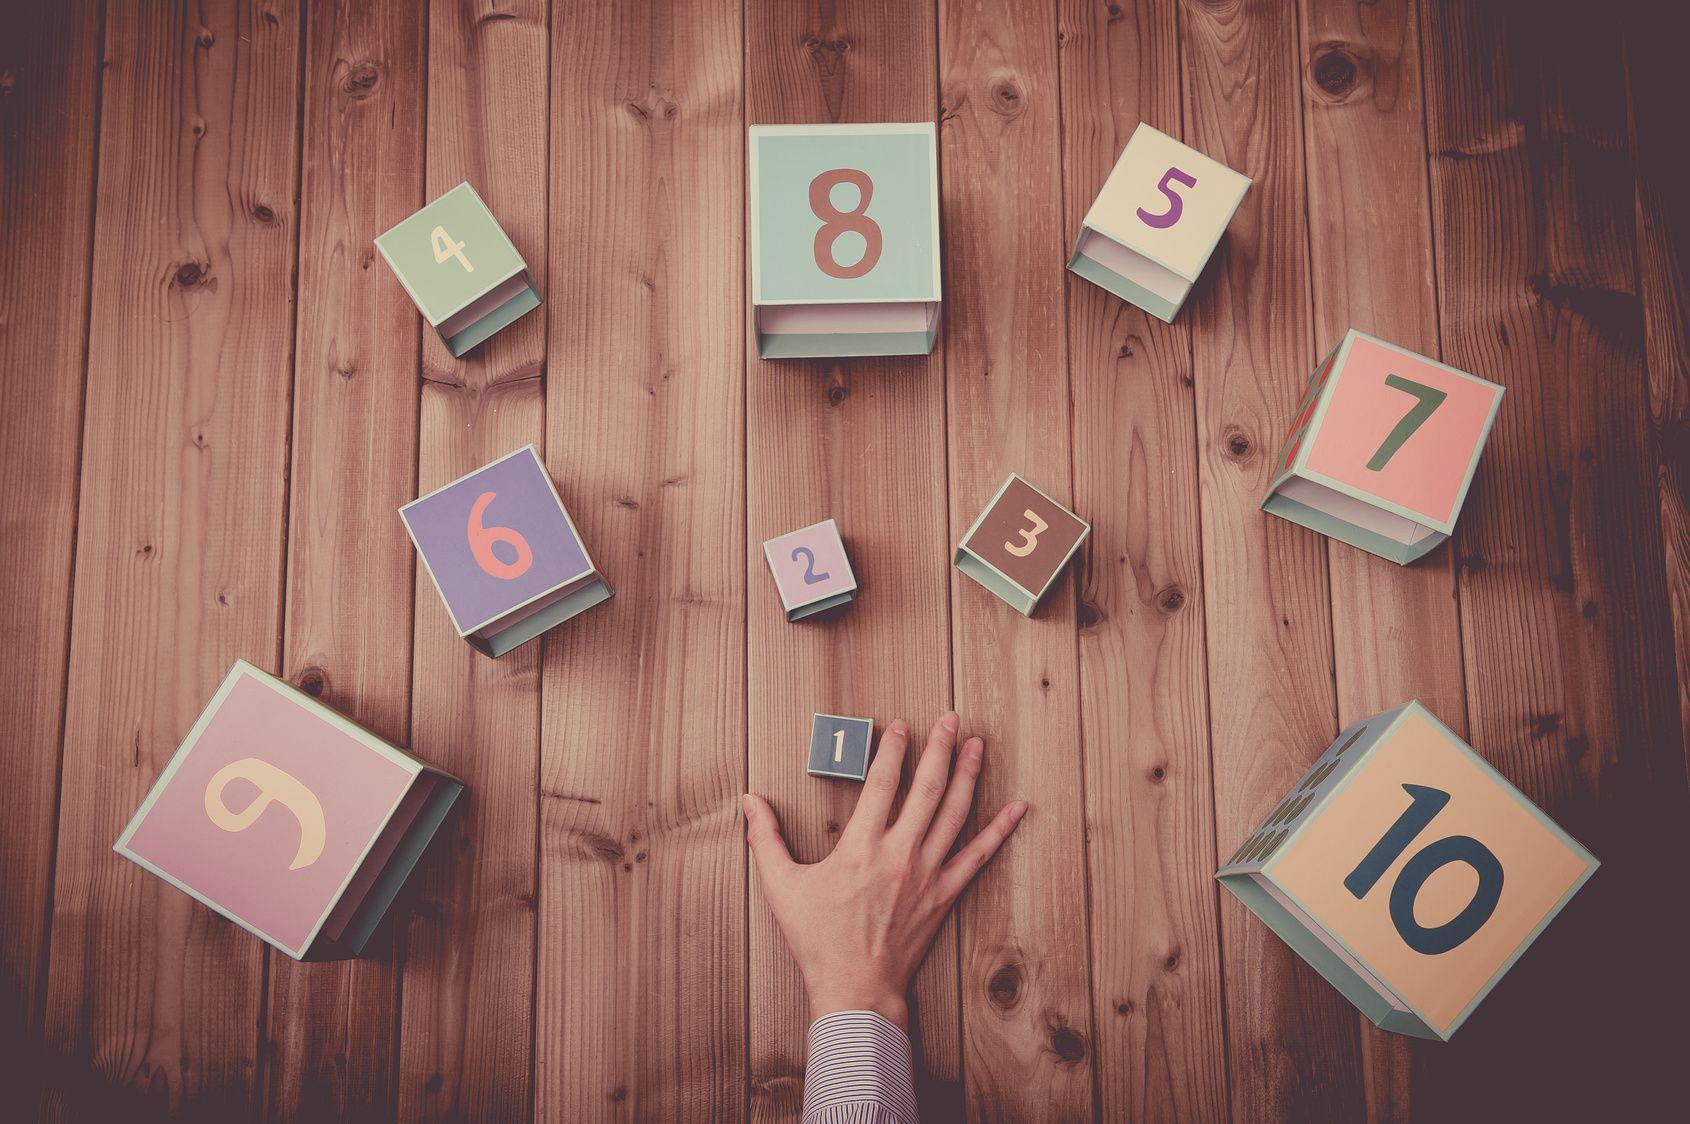 Curso de Numerologia Pitagórica: Técnicas Fundamentais